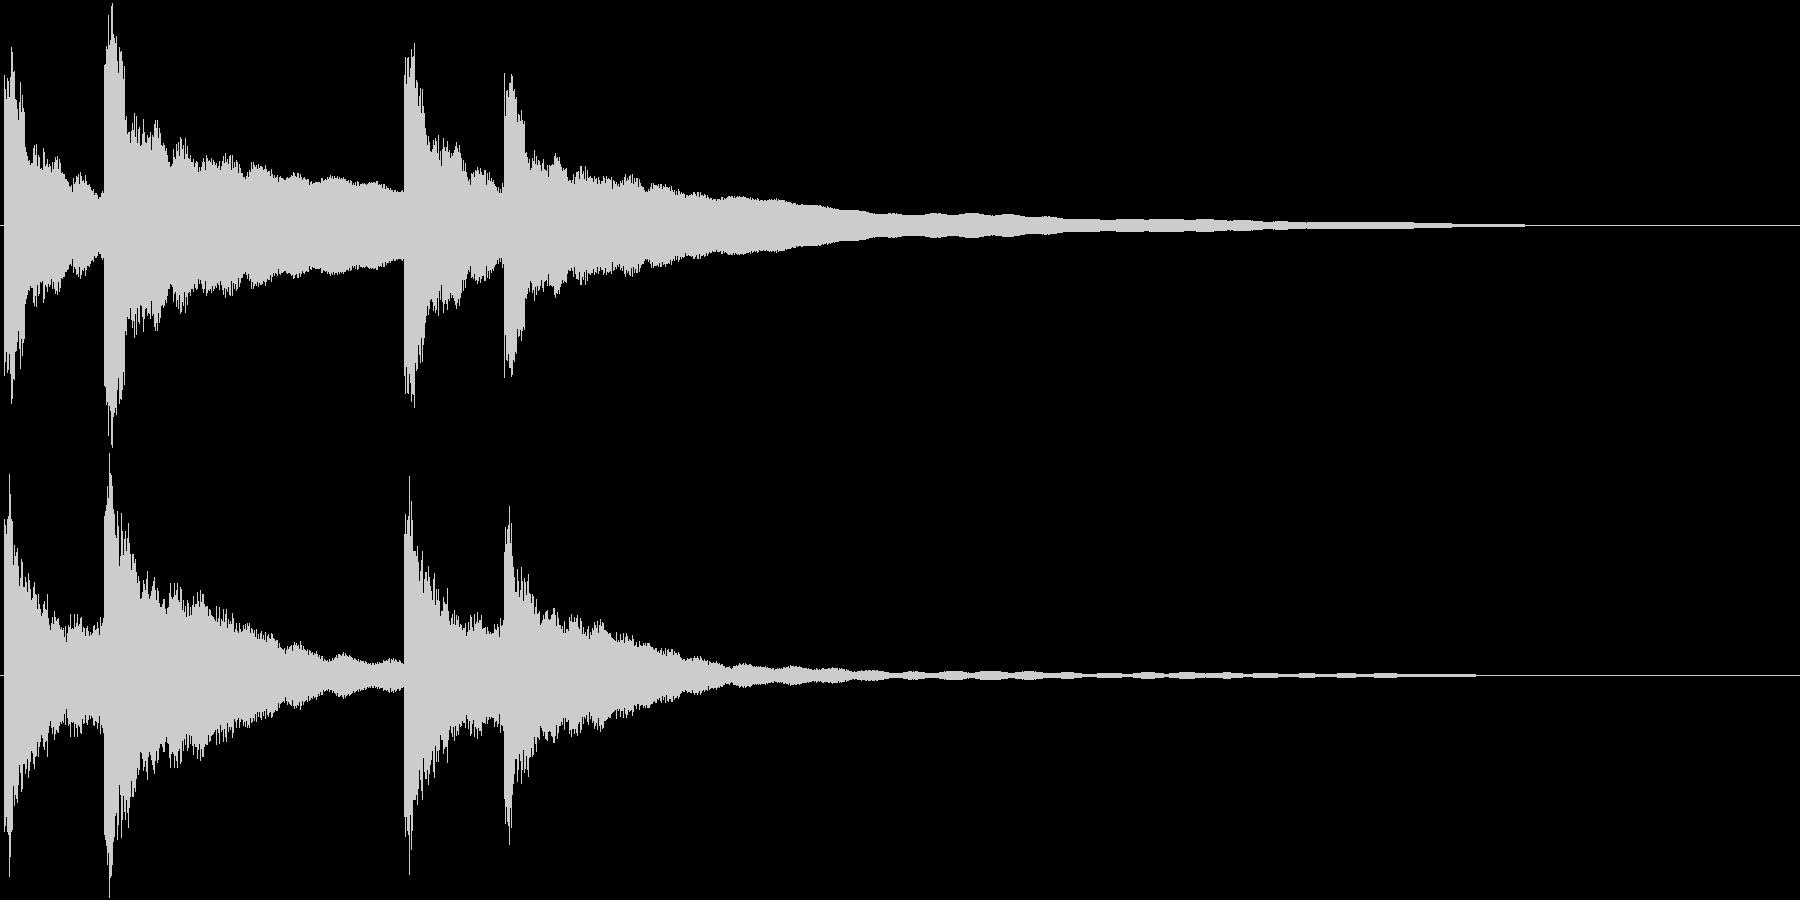 カーンカーン 西洋の鐘の音2 リバーブ付の未再生の波形